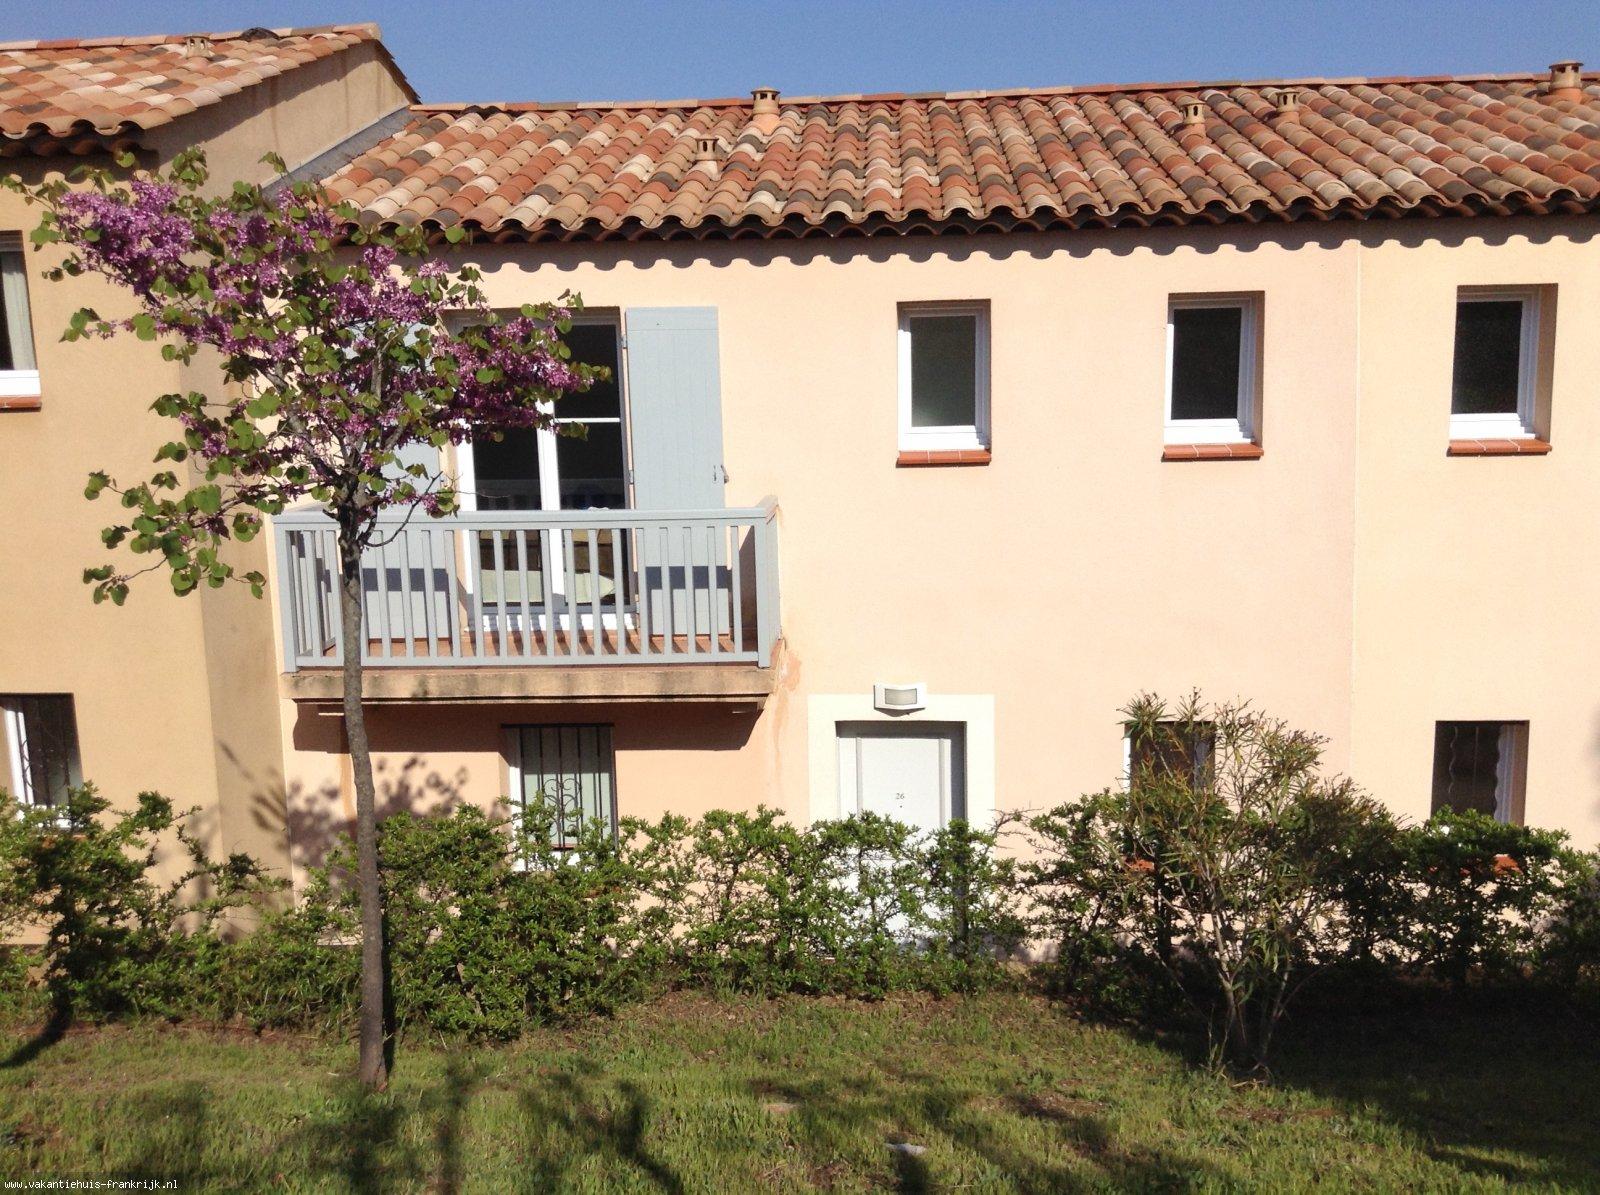 Vakantiehuis: Villa Azur, een mooi huis in een vredige en rustige omgeving met een prachtig uitzicht op zee van de baai van St Tropez. te huur voor uw vakantie in Var (Frankrijk)